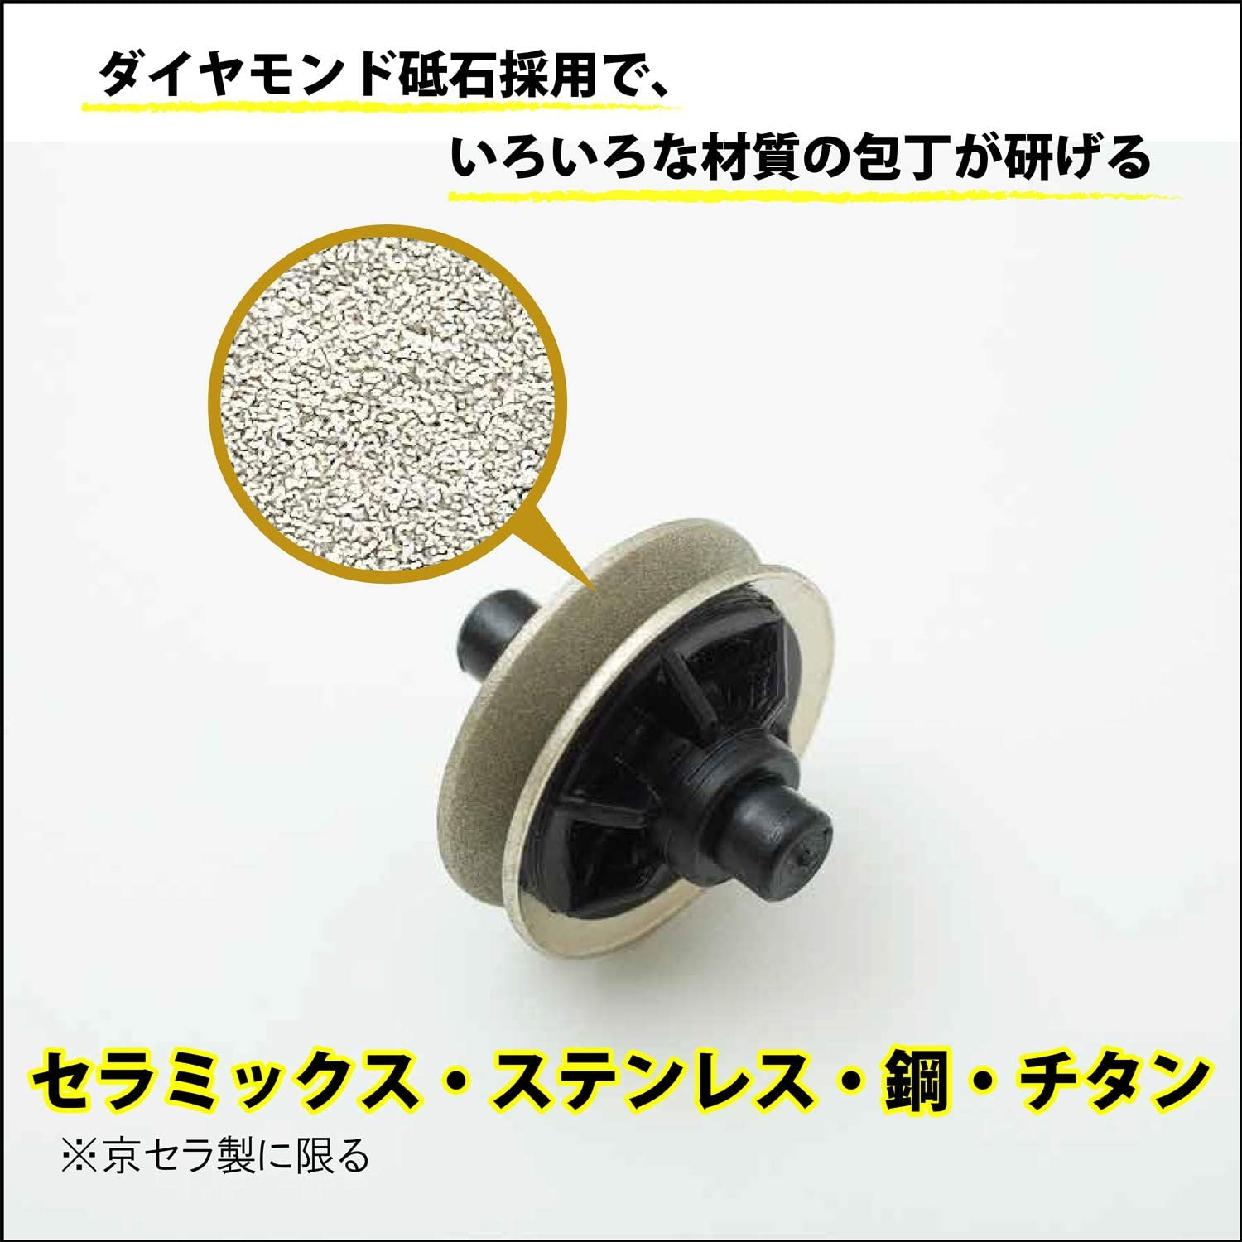 京セラ(KYOCERA) 電動ダイヤモンドシャープナー ブラック DS-38の商品画像2